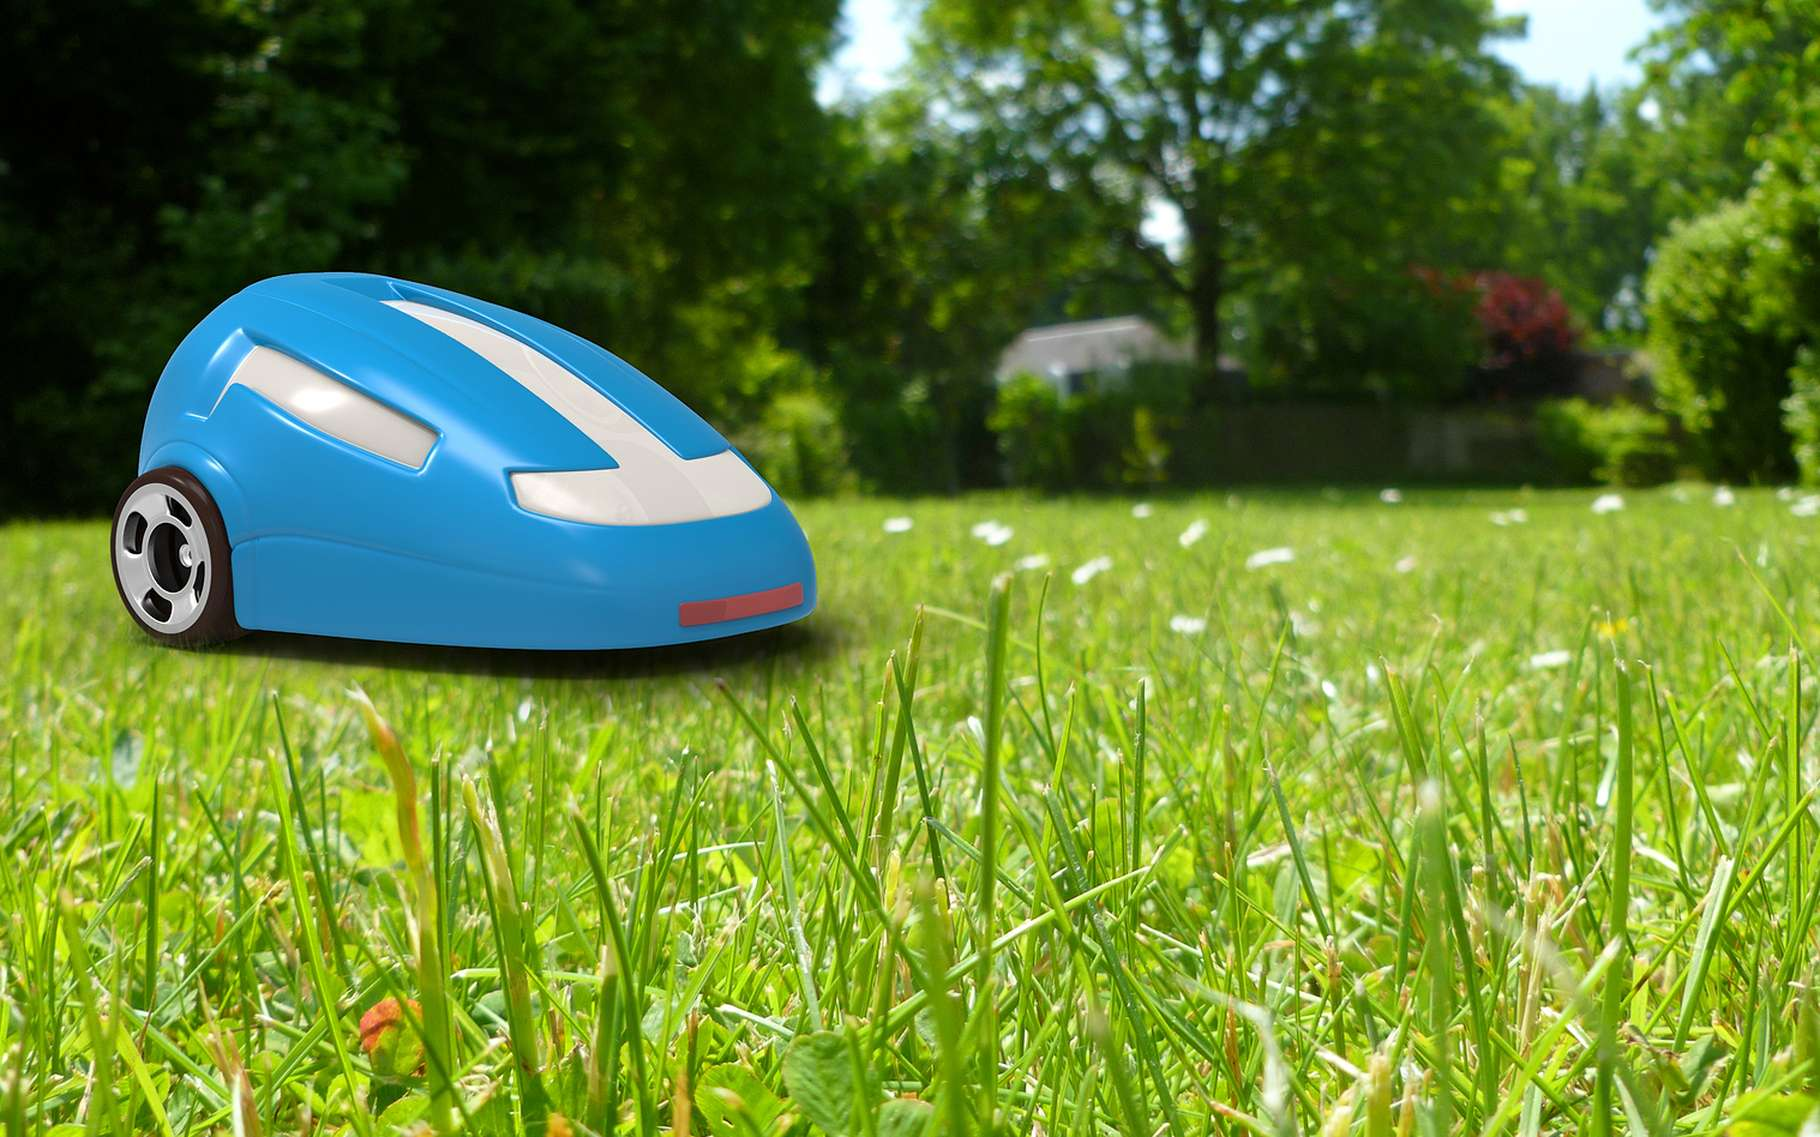 Lassé de tondre la pelouse toute l'année ? Le robot tondeuse est désormais suffisamment efficace et abordable pour représenter une véritable alternative. © Julien Tromeur, Shutterstock